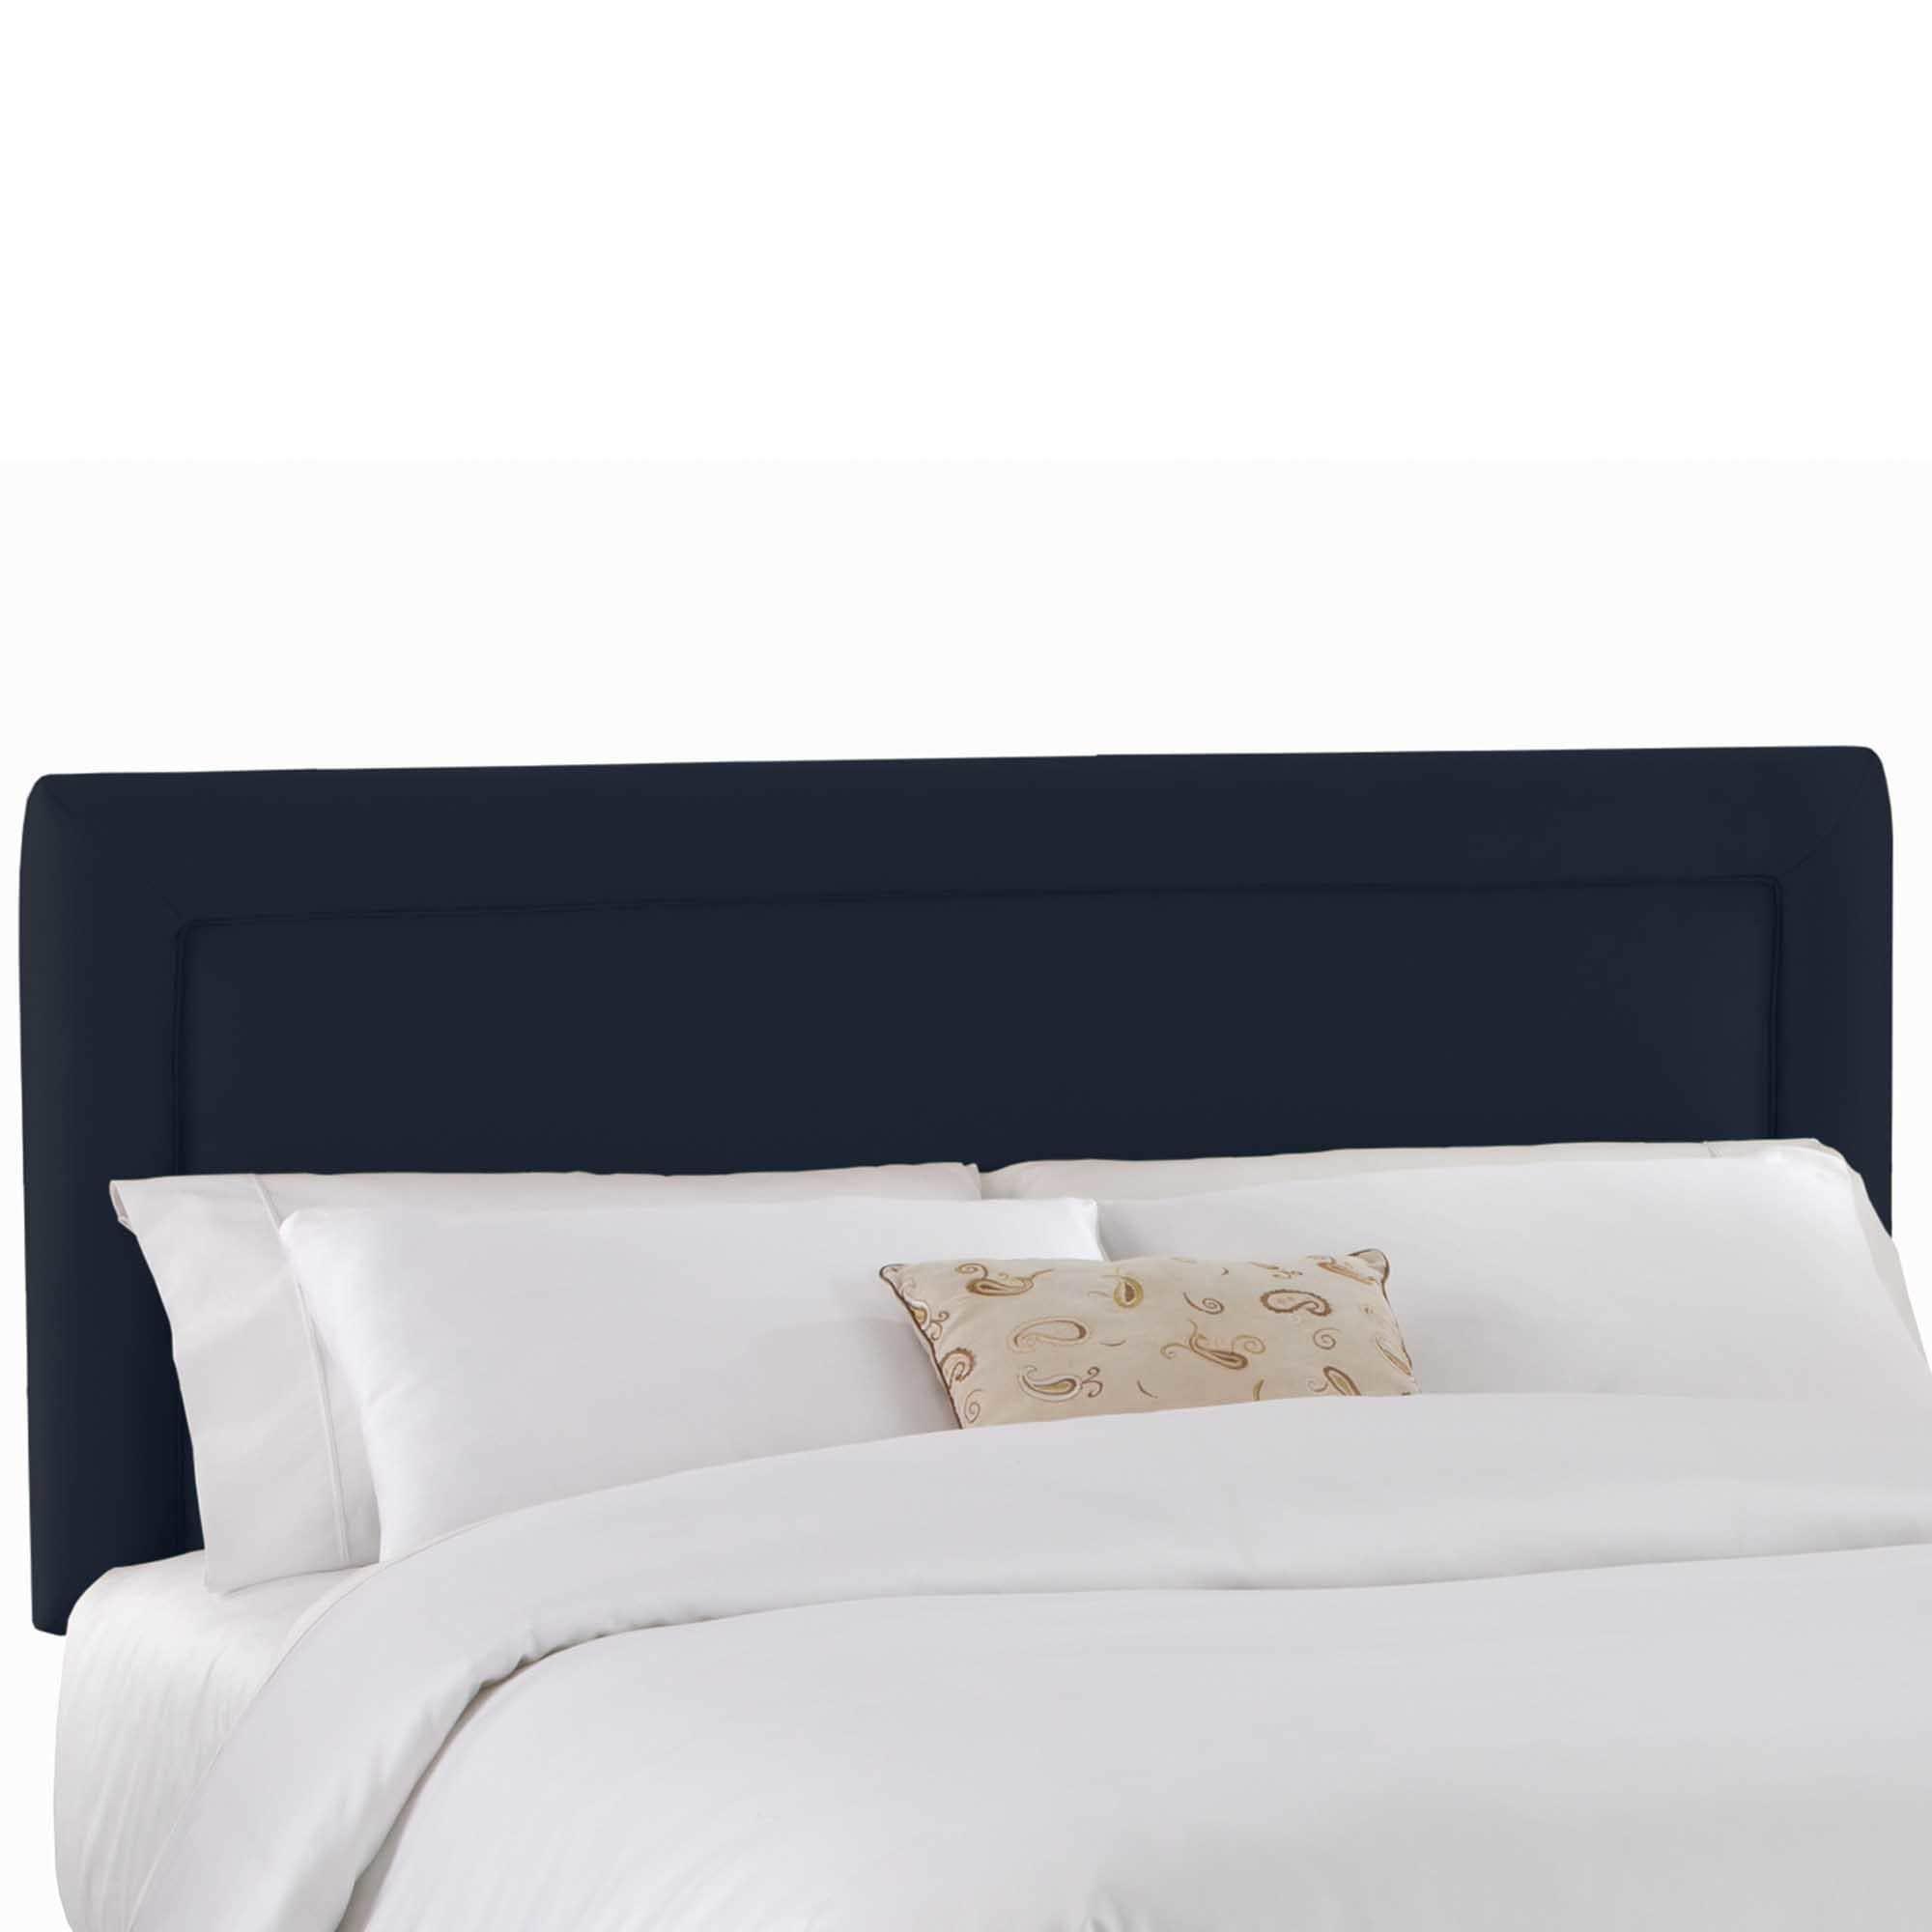 Custom Upholstered Headboard in Micro-suede- Skyline Furn...